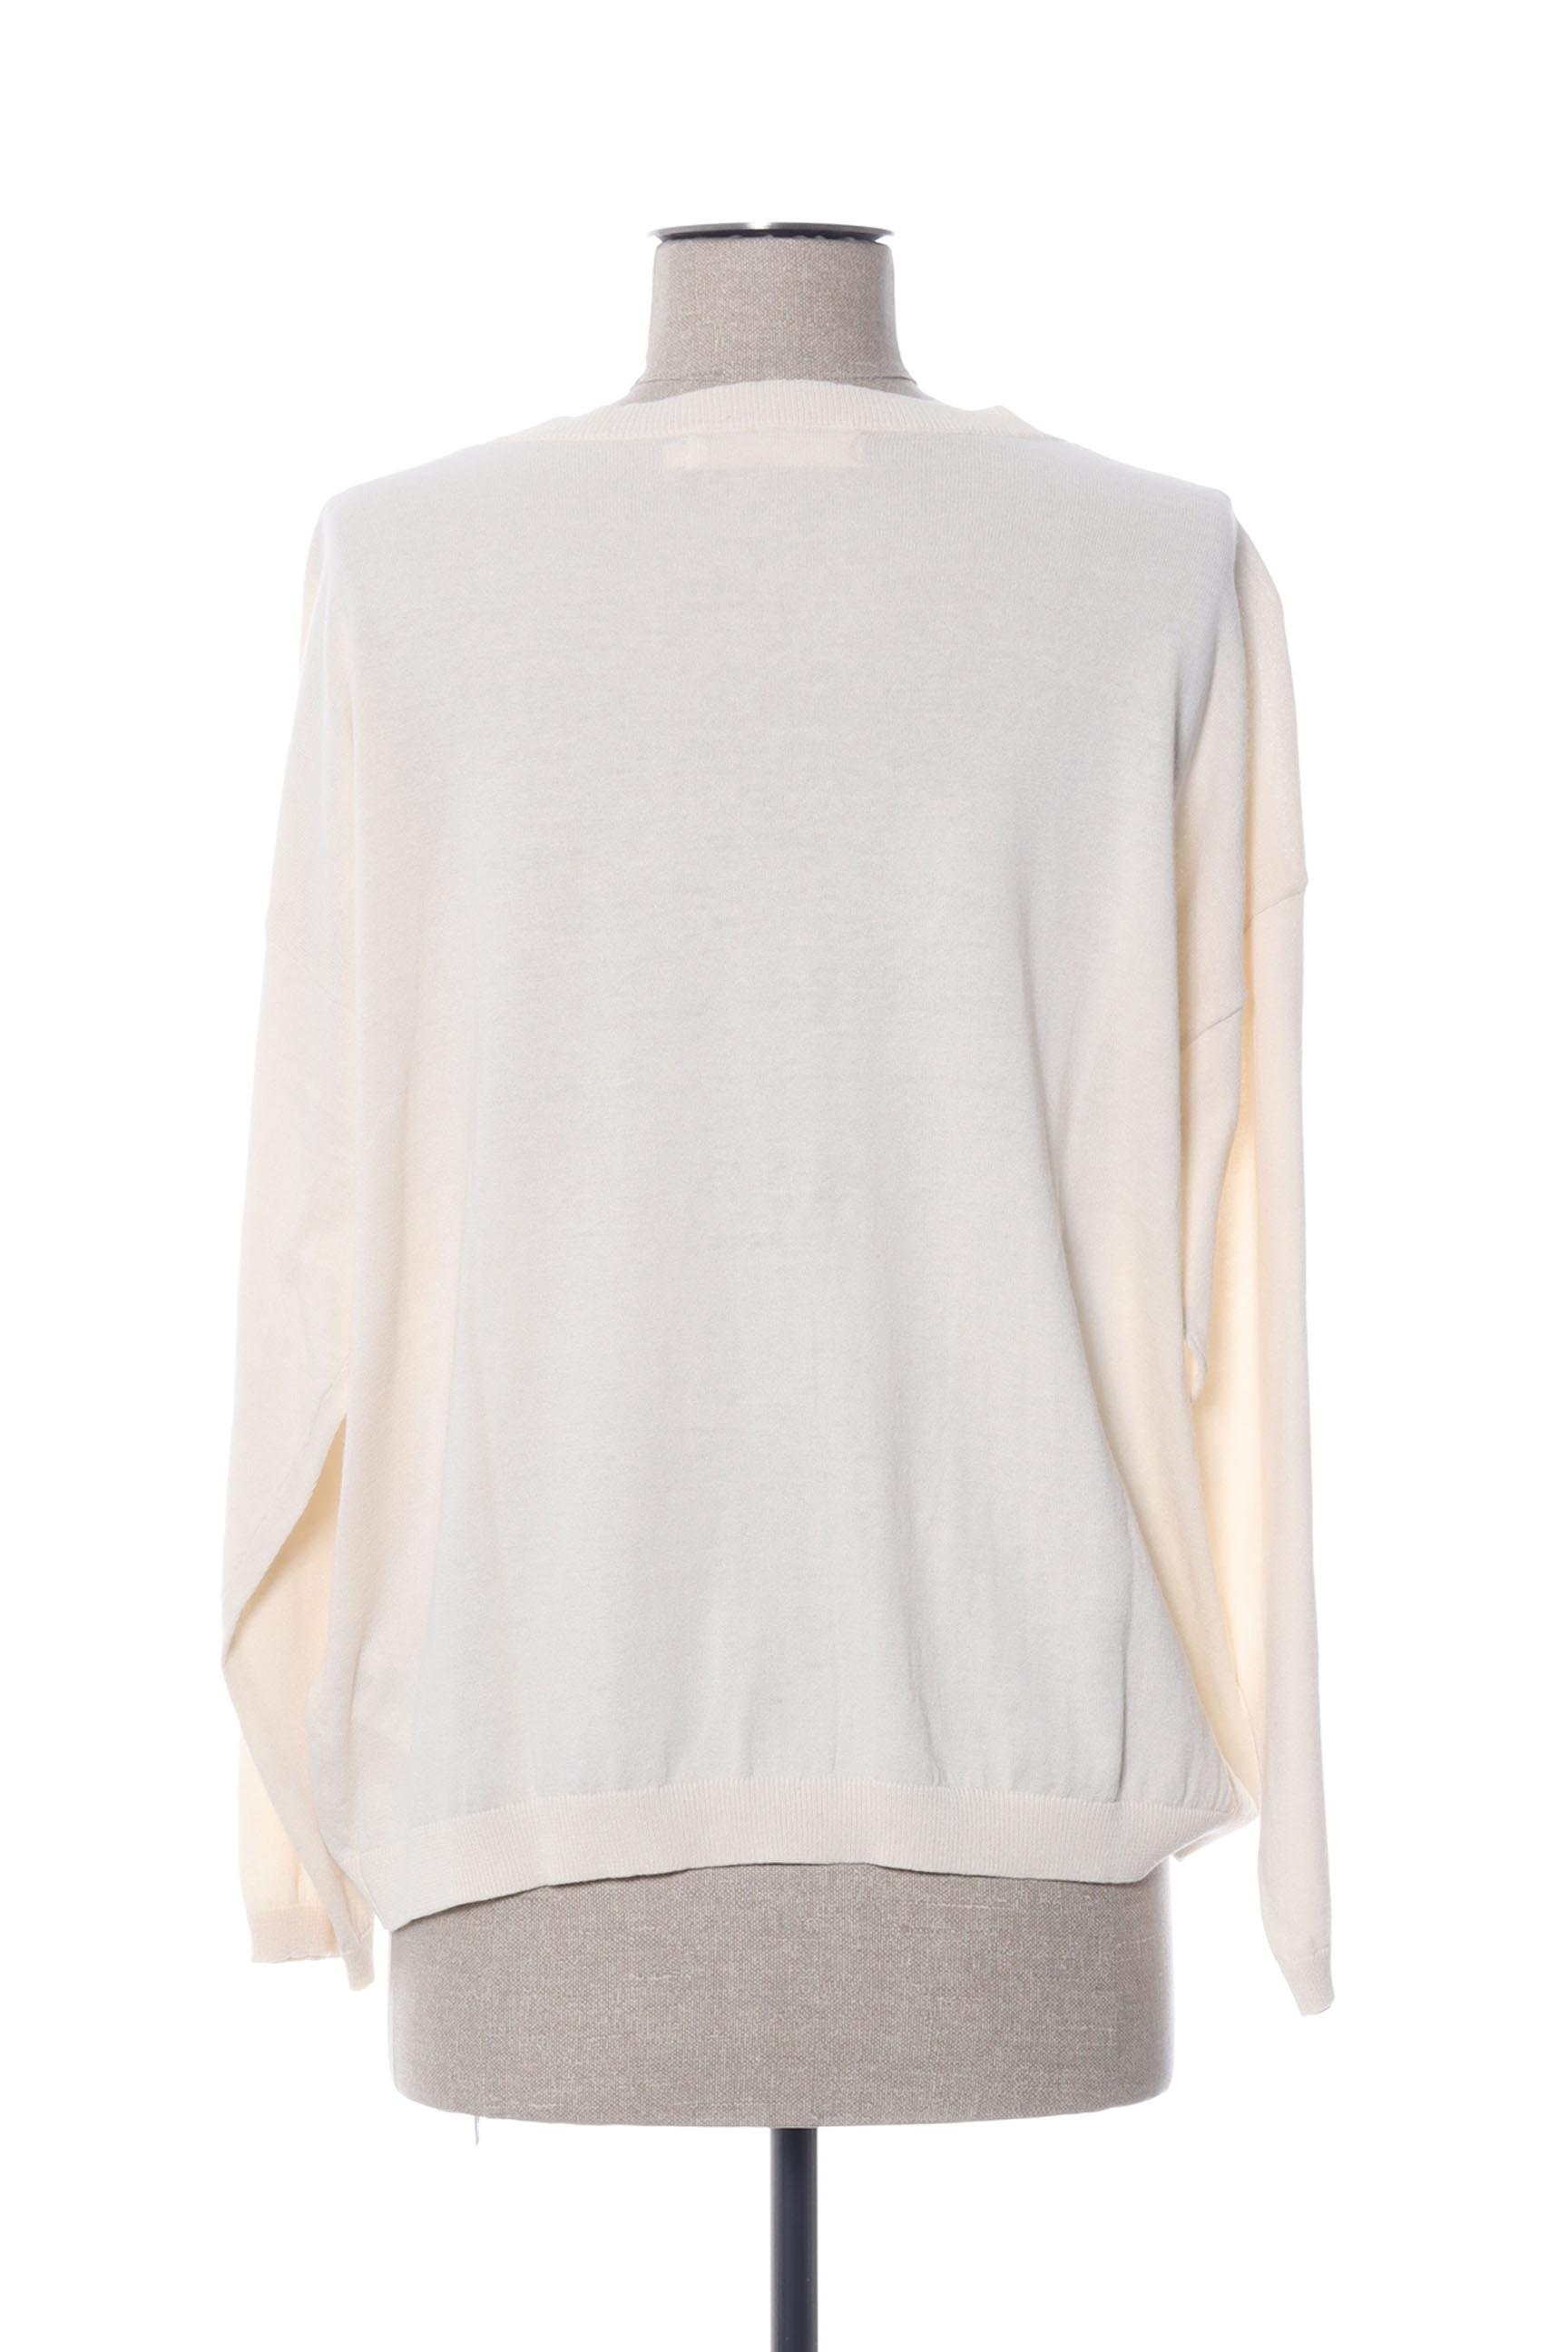 Nice Things Cardigans Femme De Couleur Beige En Soldes Pas Cher 1423605-beige0